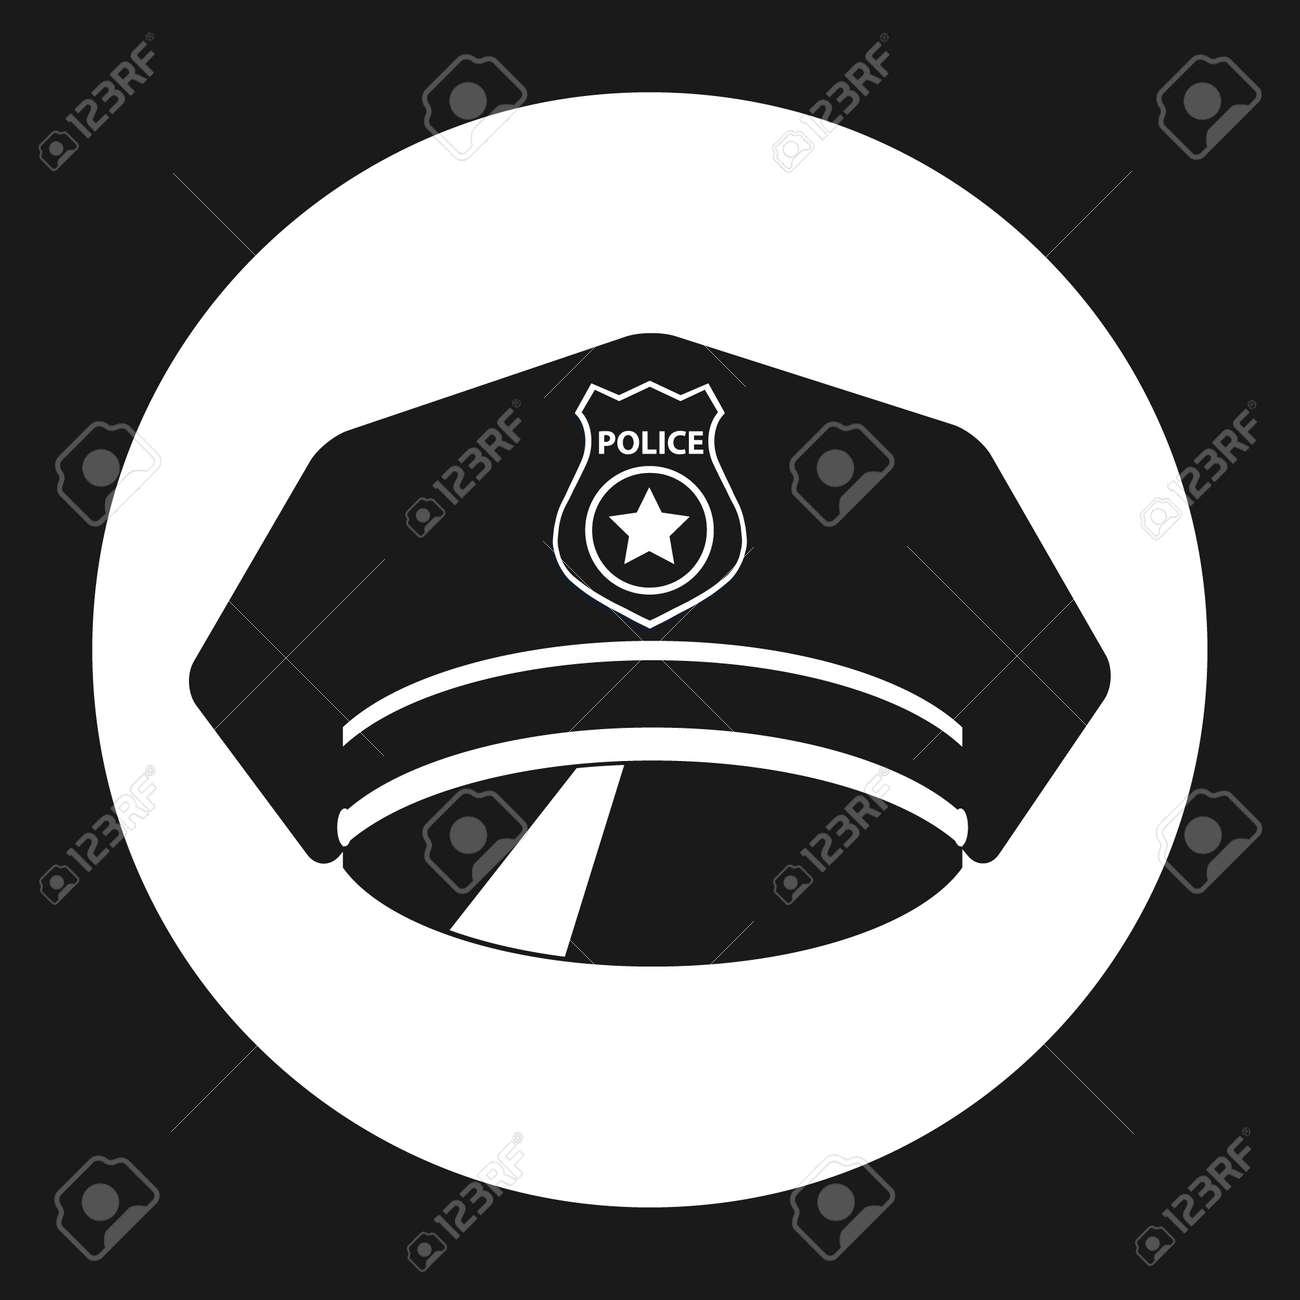 Police cap. Police cap icon. Vector illustration Vector - 167579102